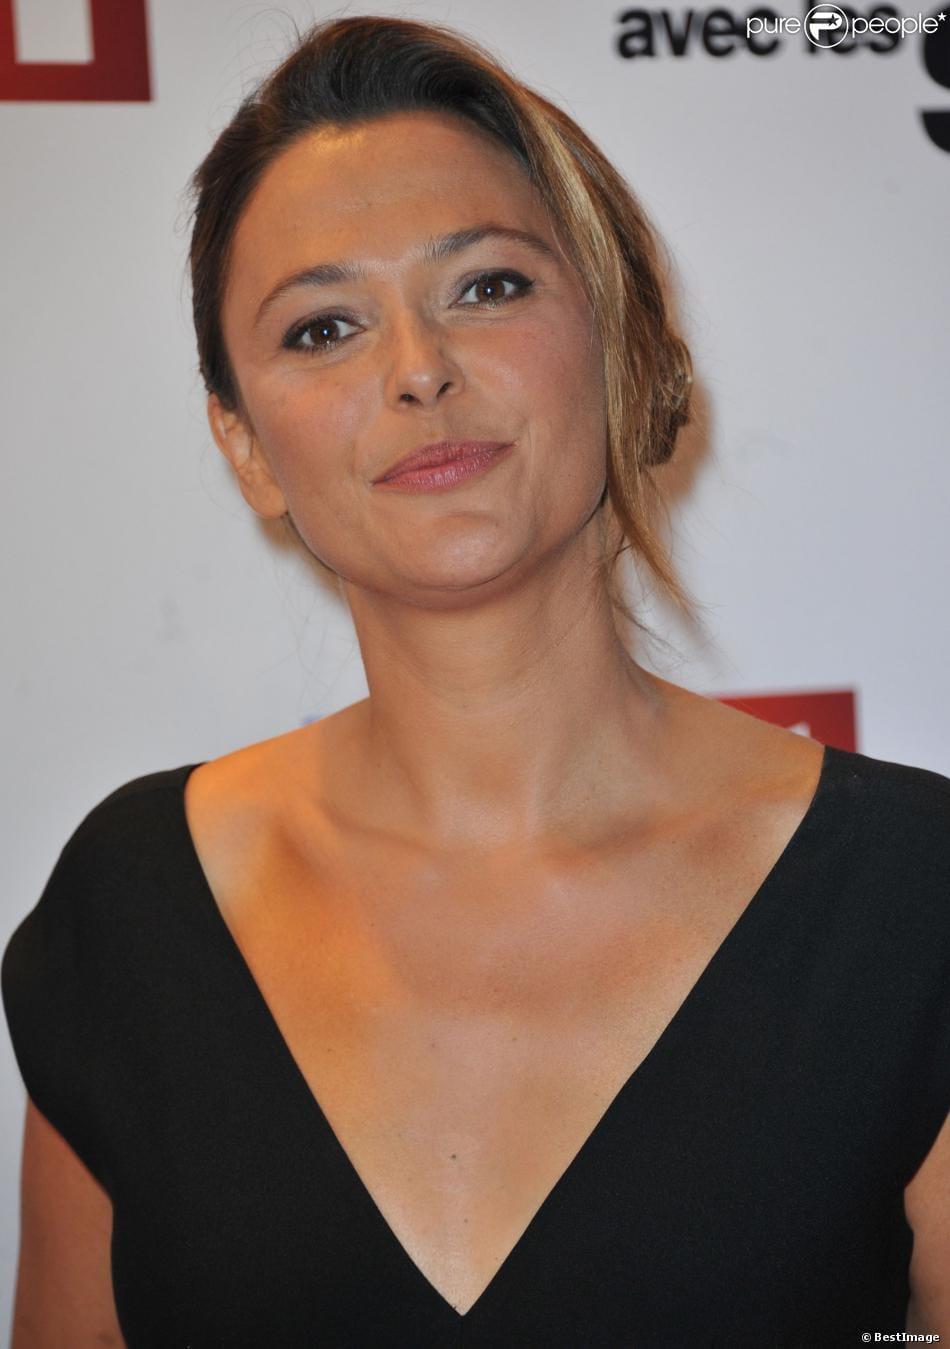 Sandrine Quetier Nude Photos 15